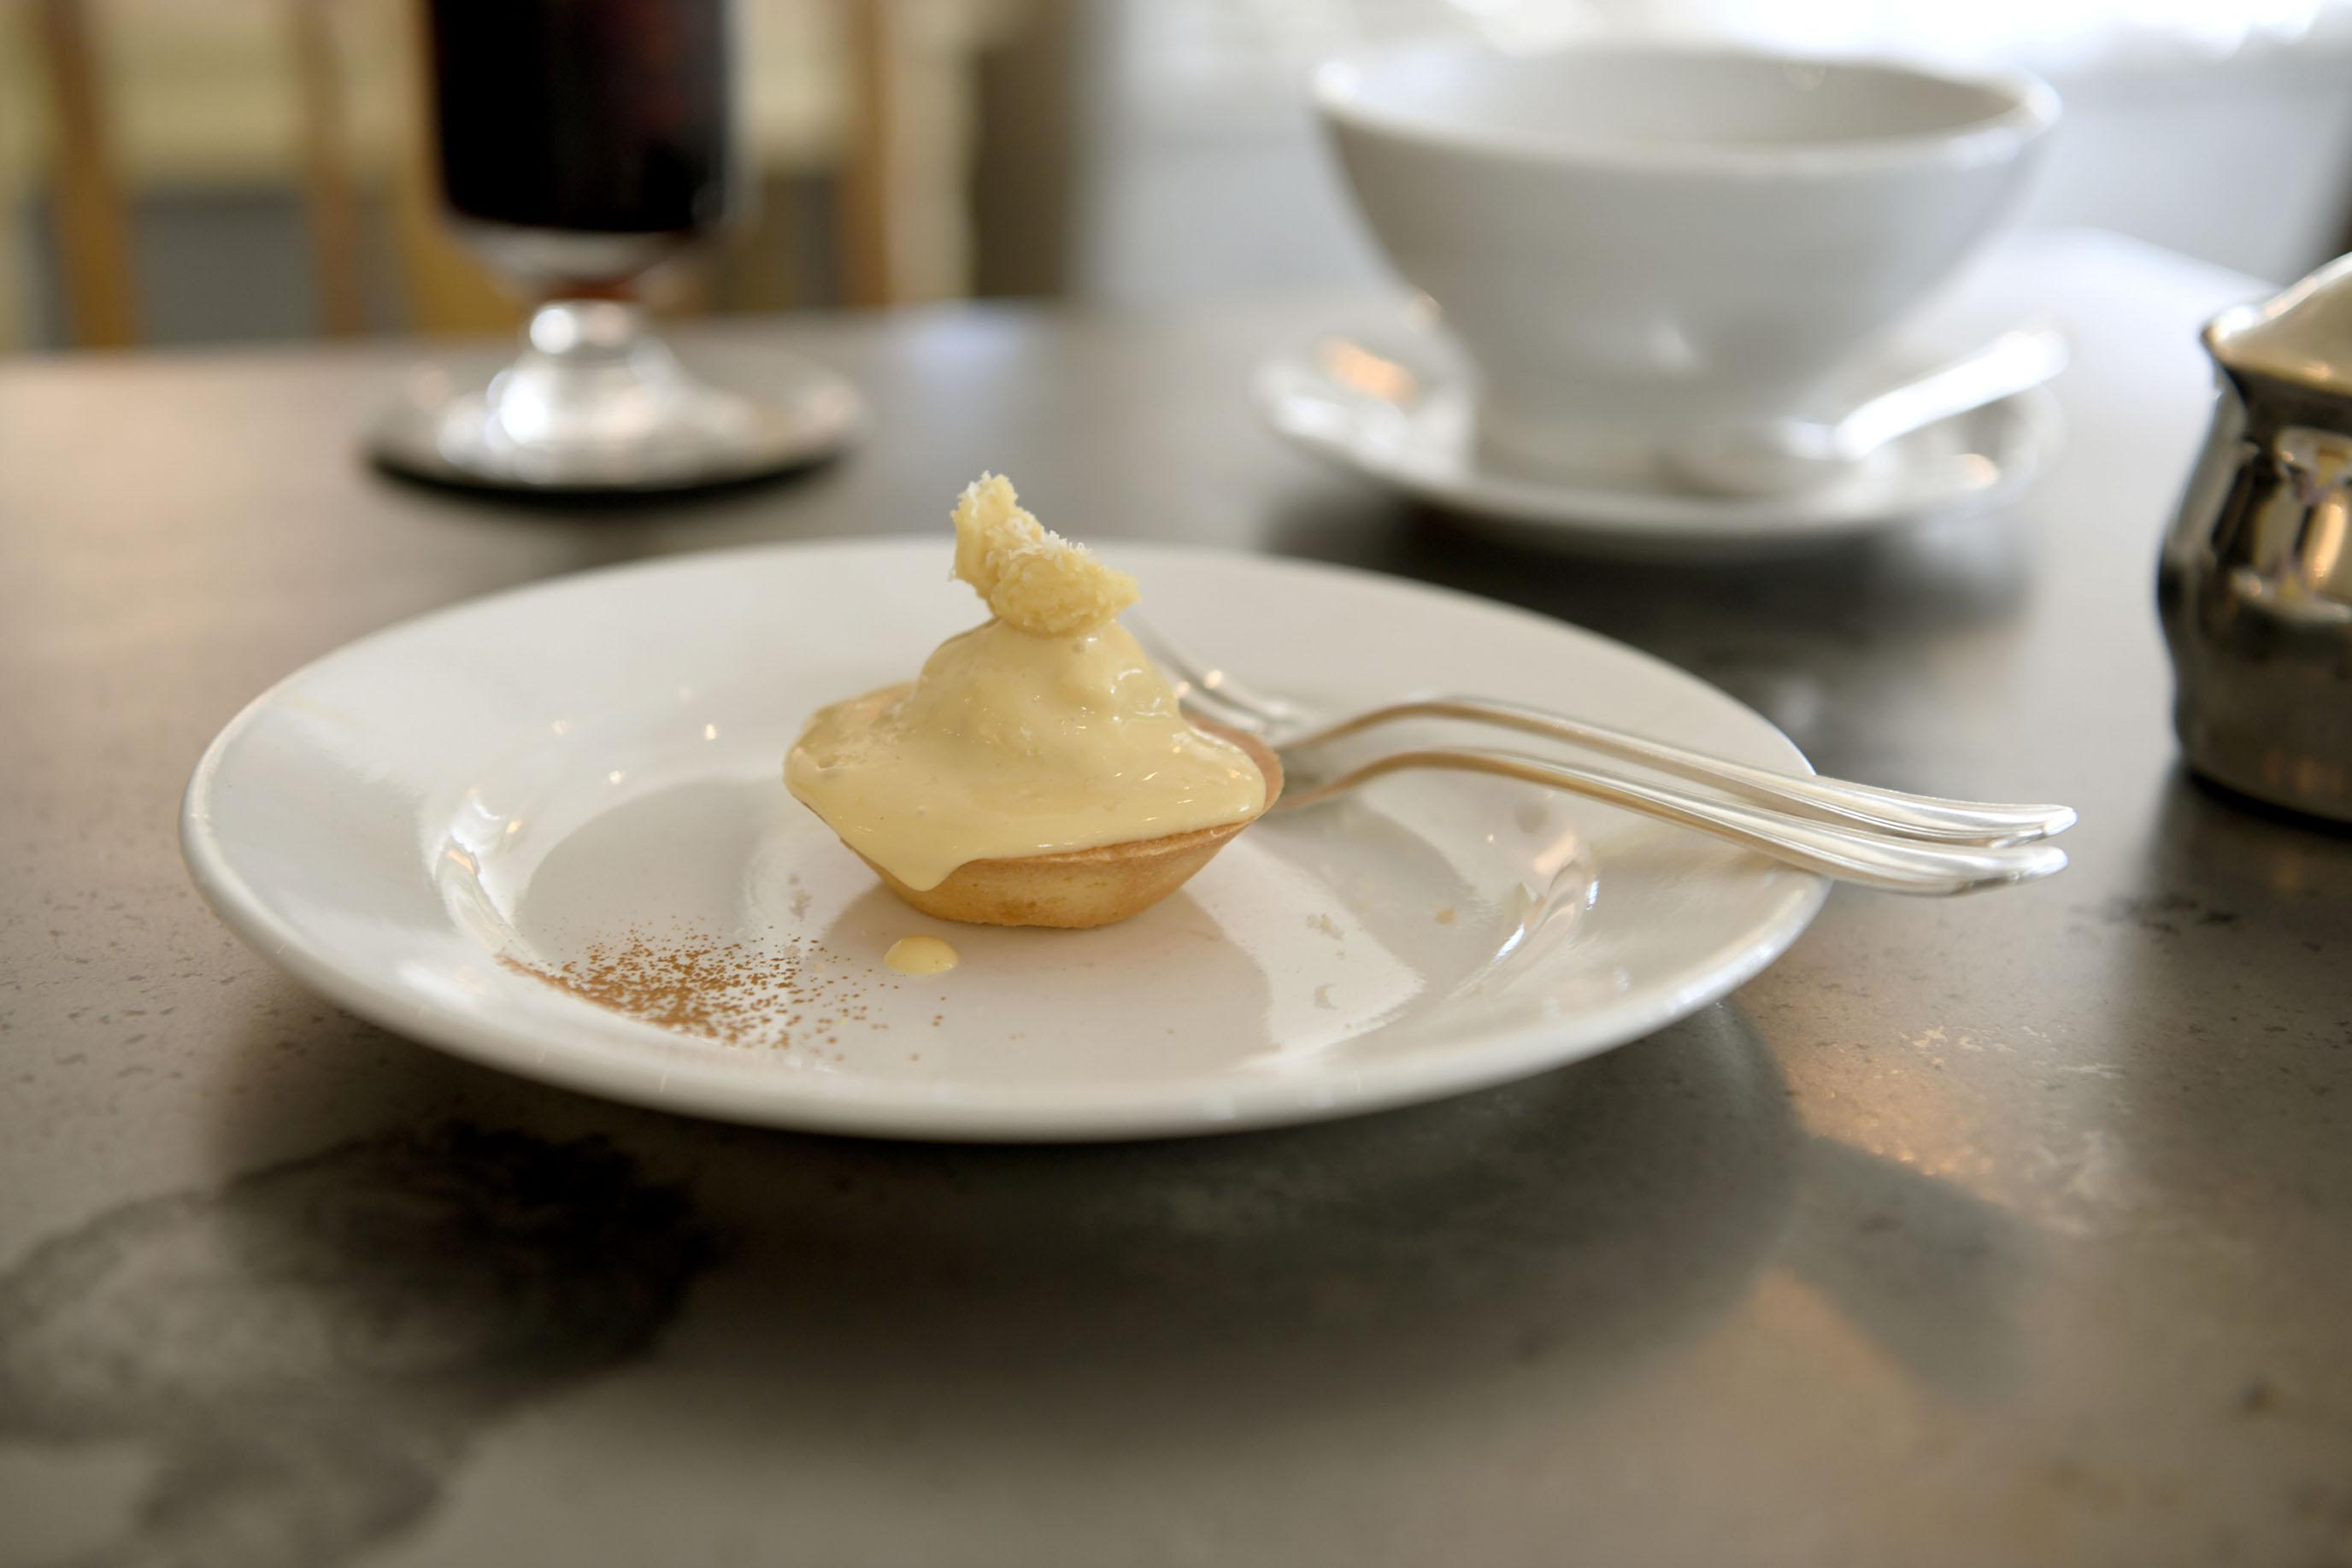 夏綠蒂的房子,苦醇咖啡裡的沉靜洋菓子店 東京澀谷區 maison de charlotte